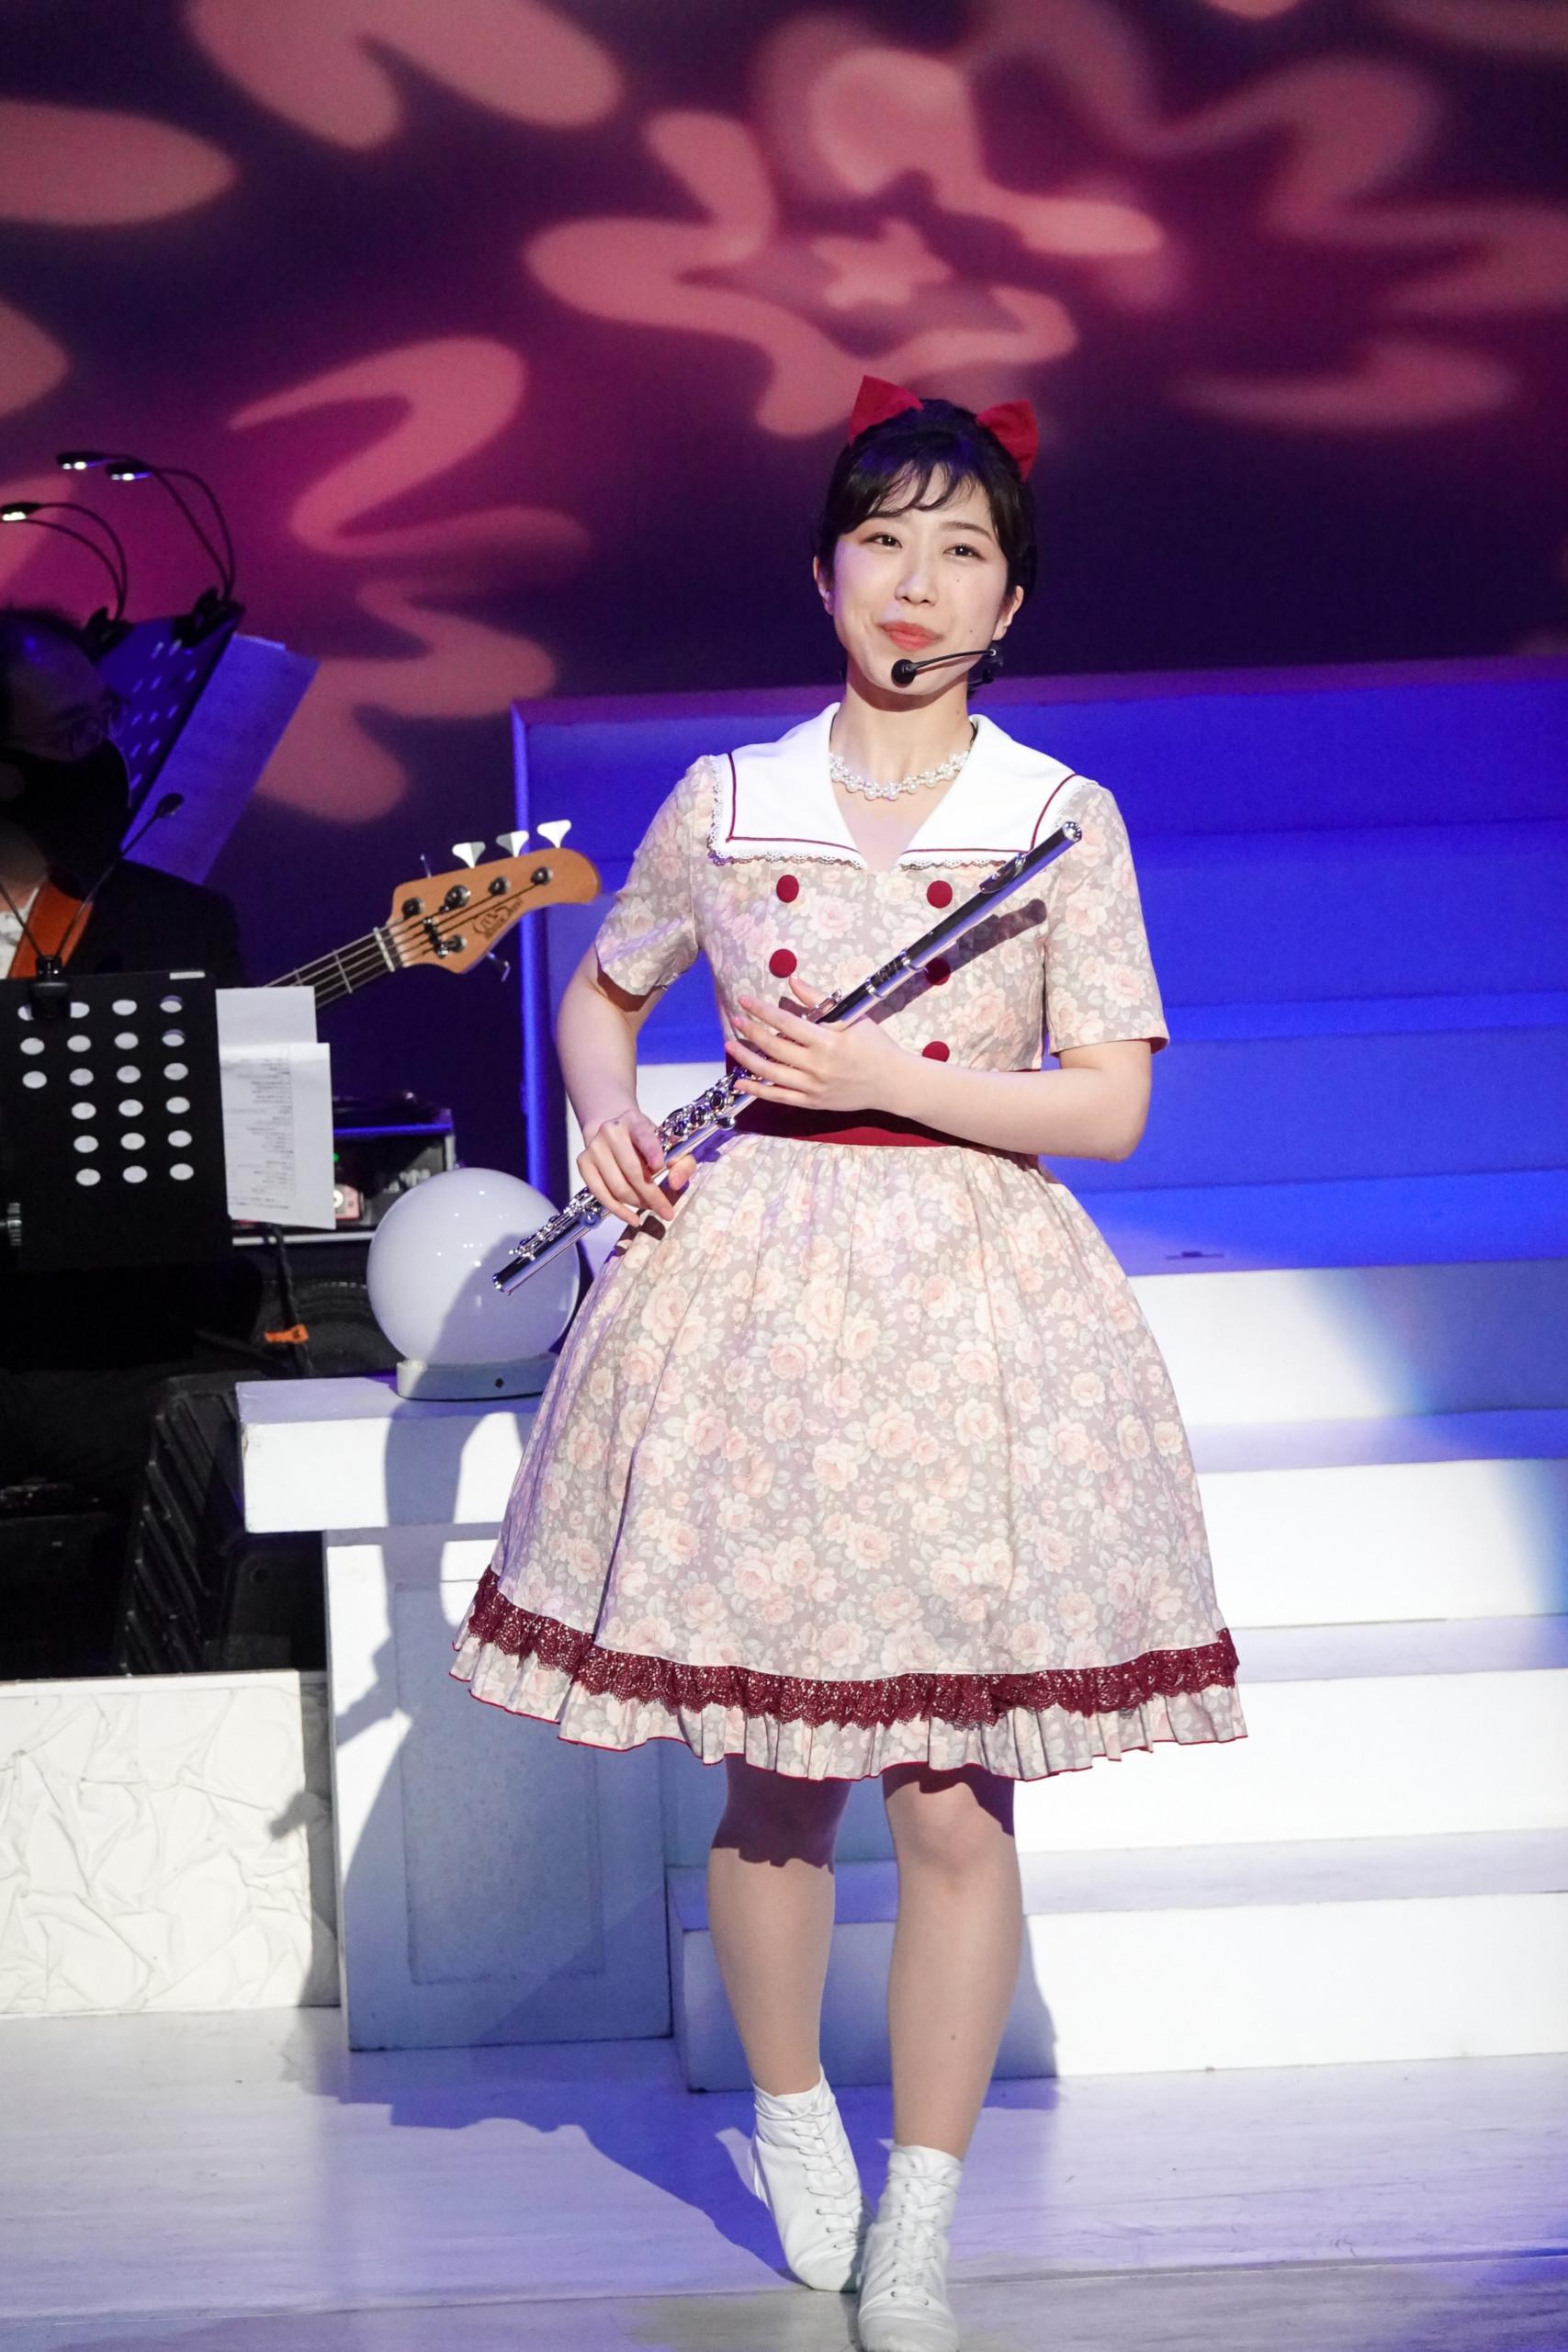 津吹みゆ5周年コンサート